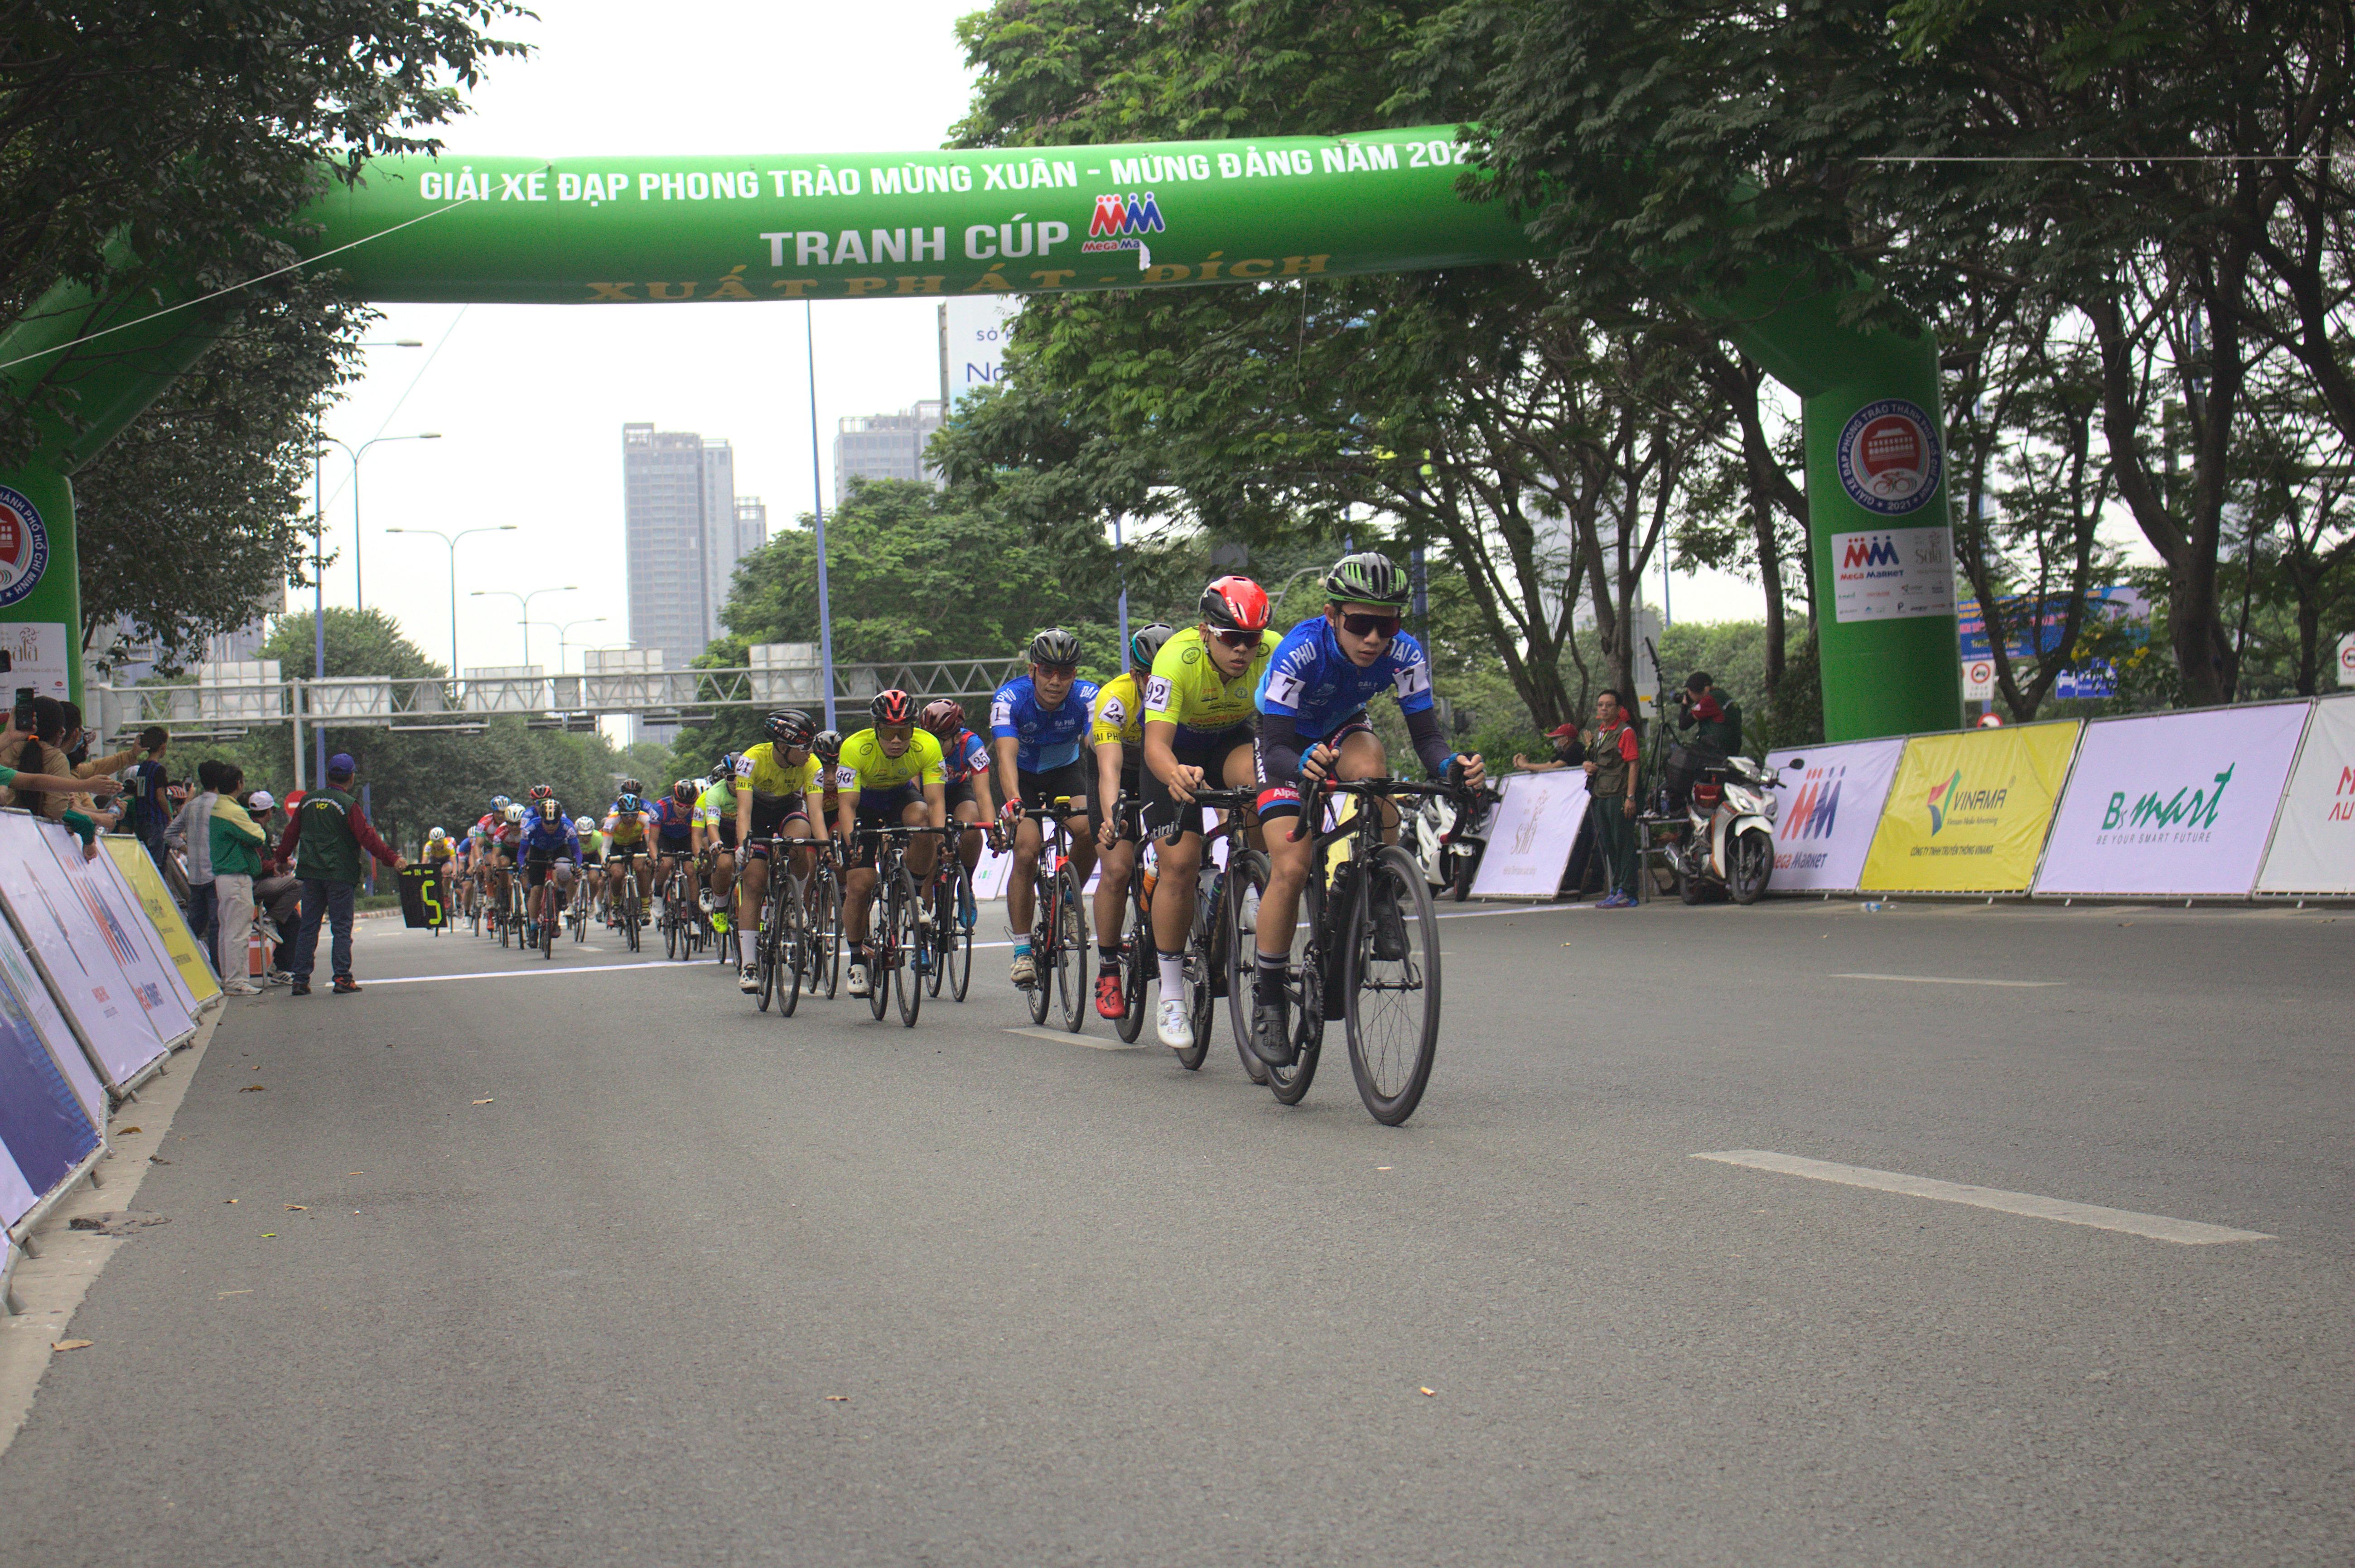 Hình ảnh: Sôi nổi giải xe đạp phong trào mừng Đảng - mừng Xuân Tân Sửu 2021 số 4